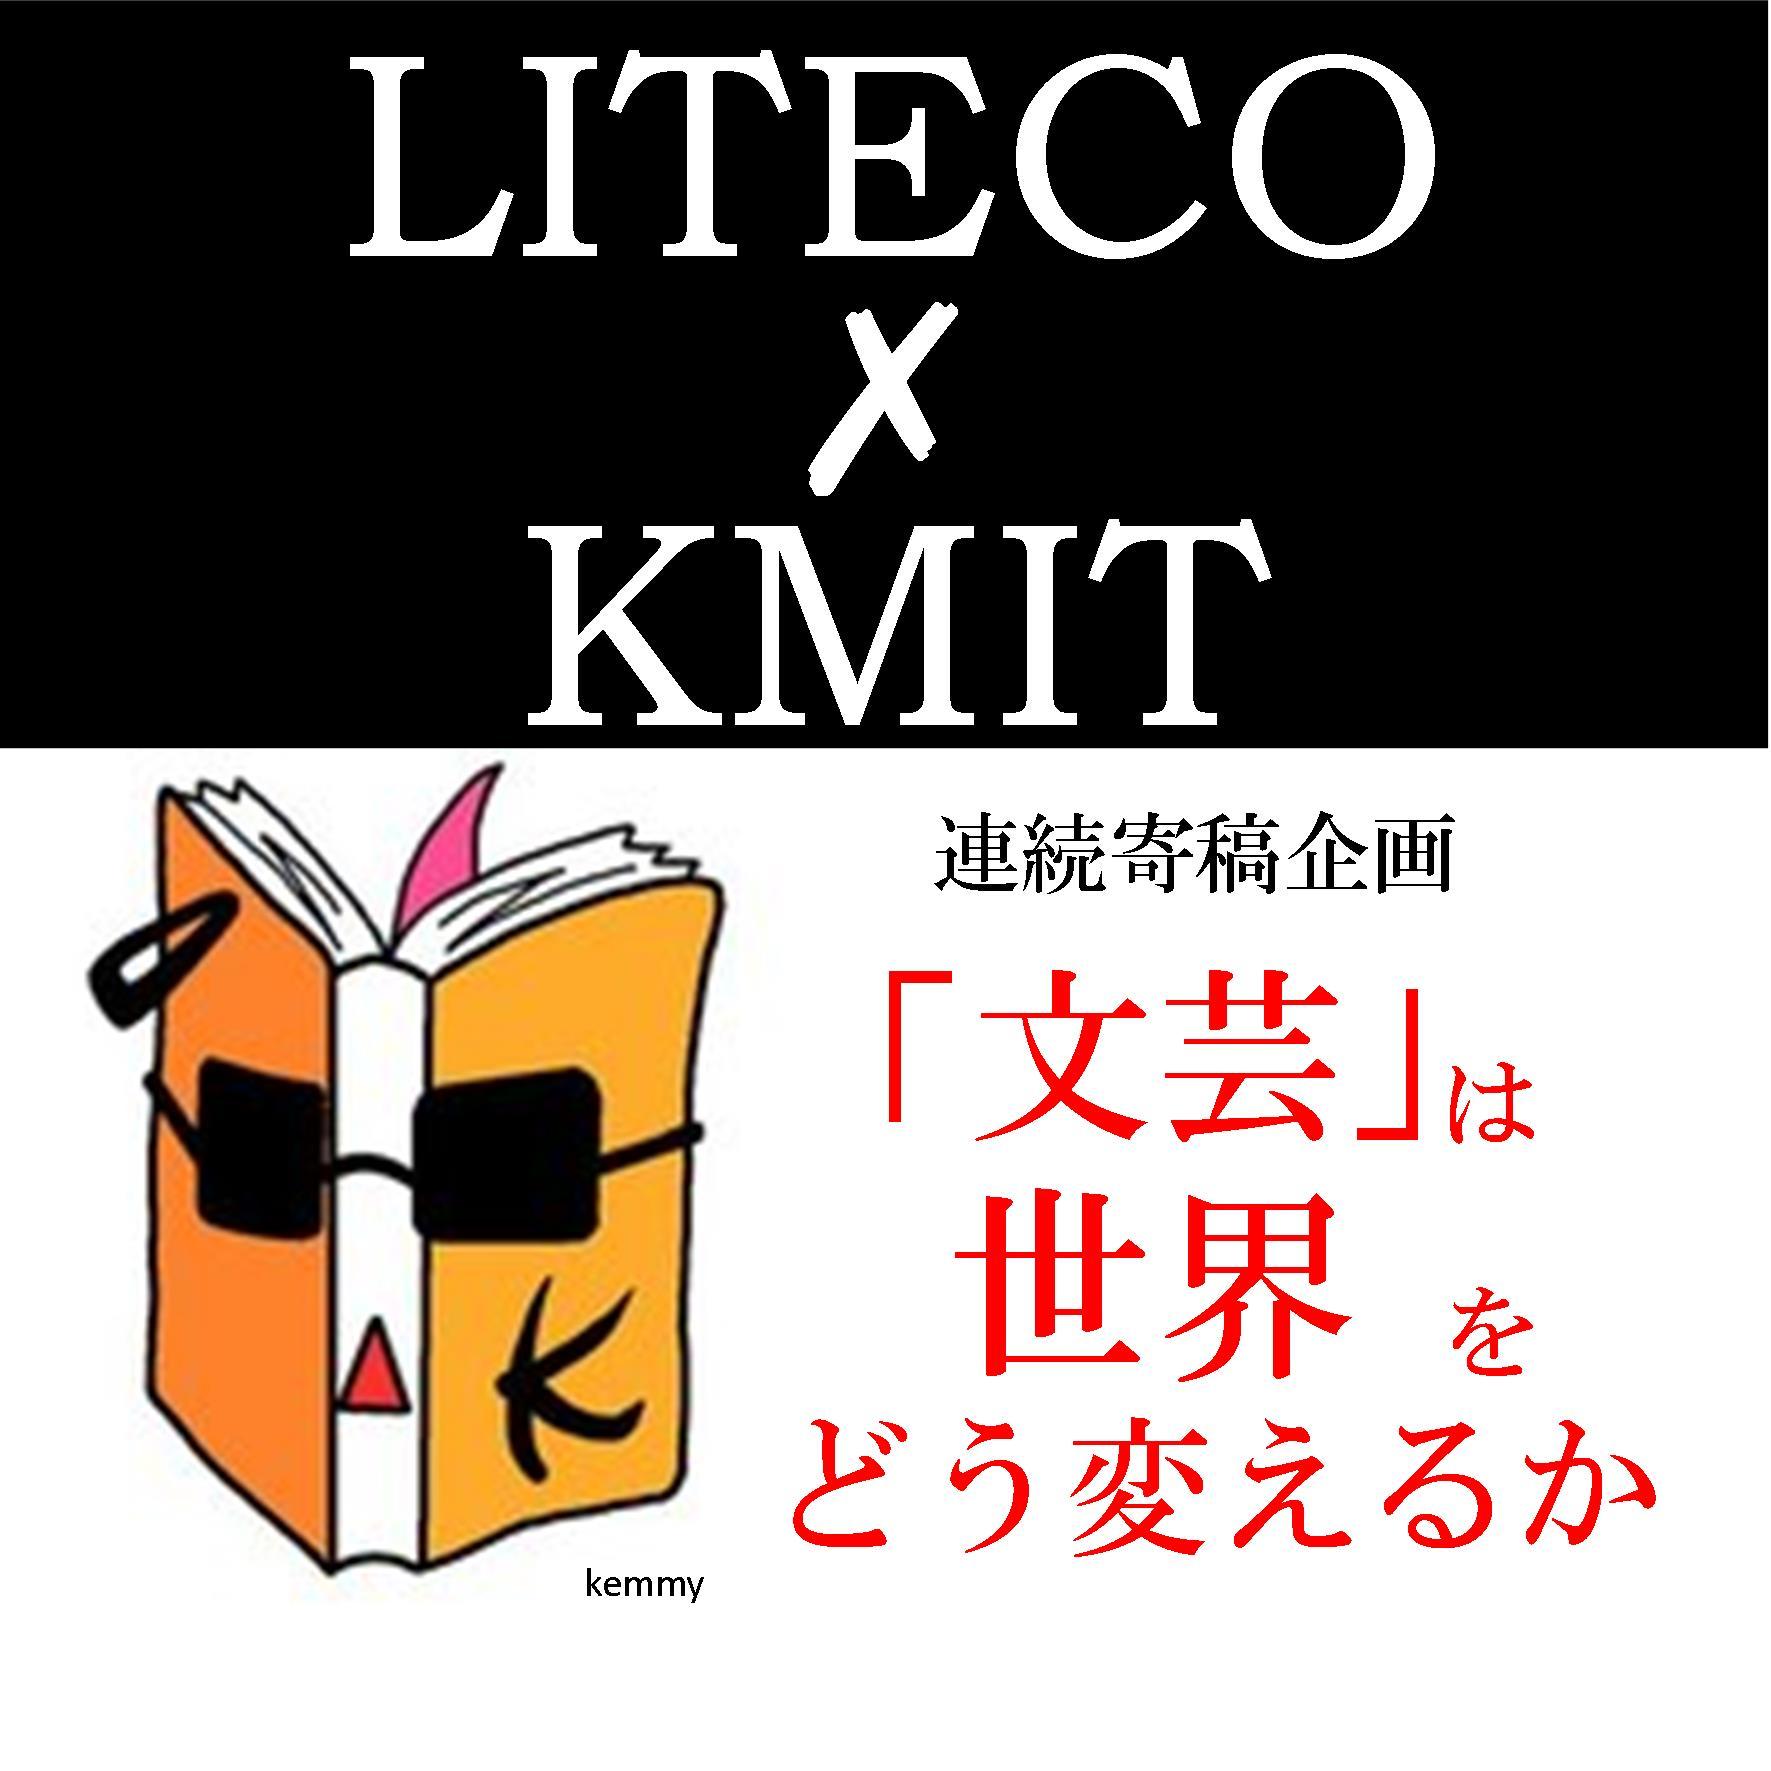 LITECO×KMIT 連続寄稿企画 「文芸」は世界をどう変えるか